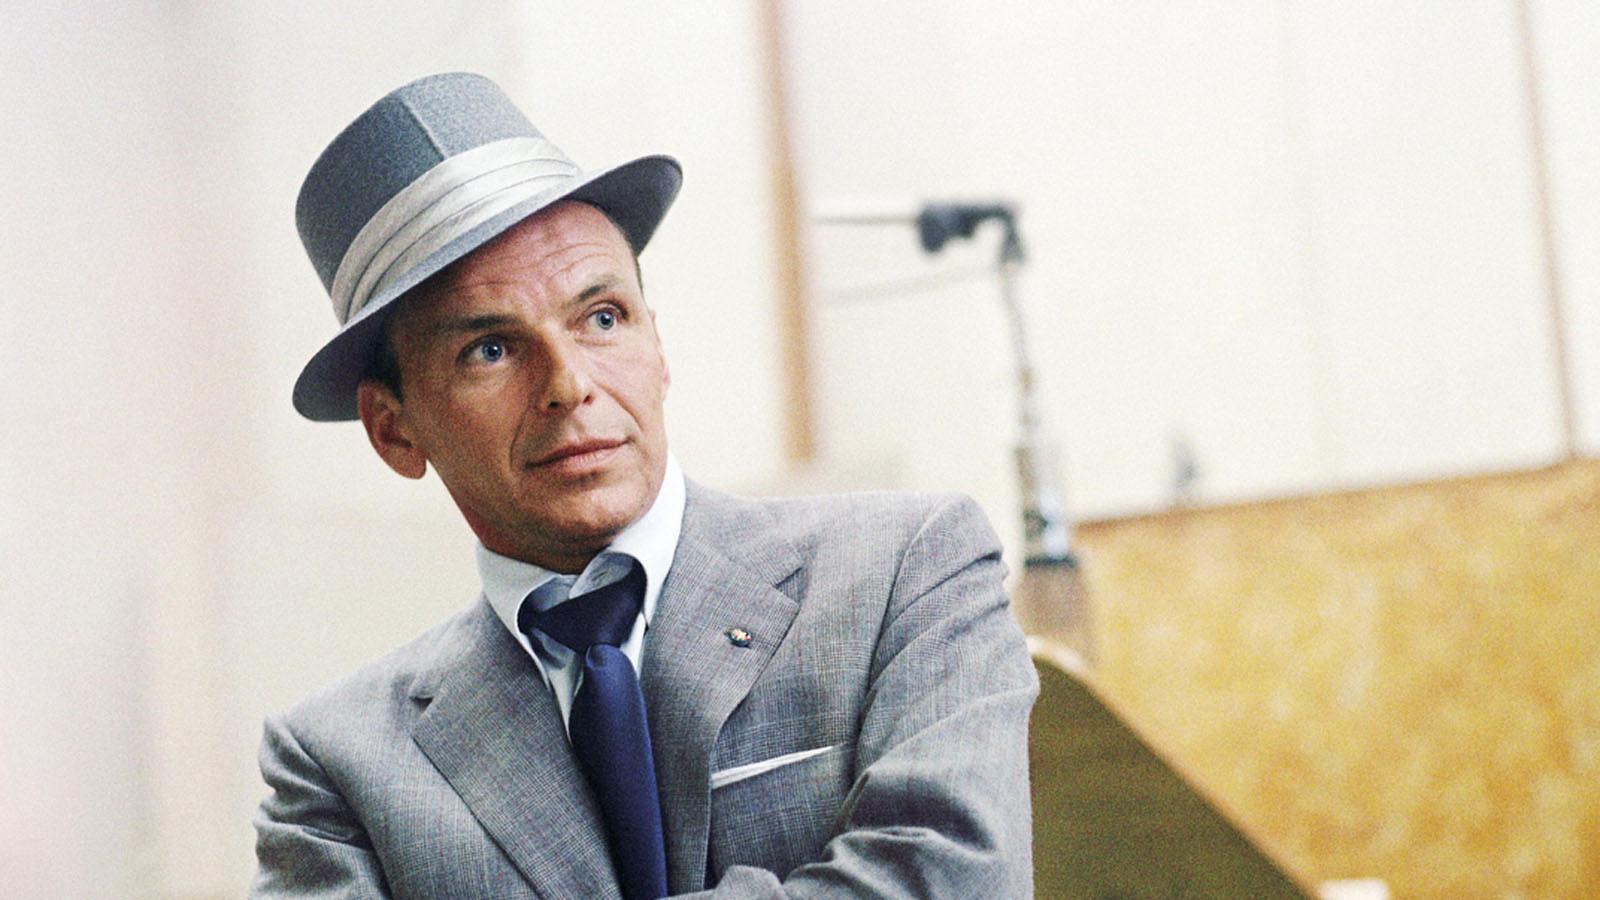 All Or Nothing At All  Frank Sinatra foi (e pra sempre vai ser) um dos homens mais bem vestidos da história. Referência absoluta de como usar trajes e acessórios clássicos, ele tem a sua história contada nesse elogiado documentário disponível na plataforma.